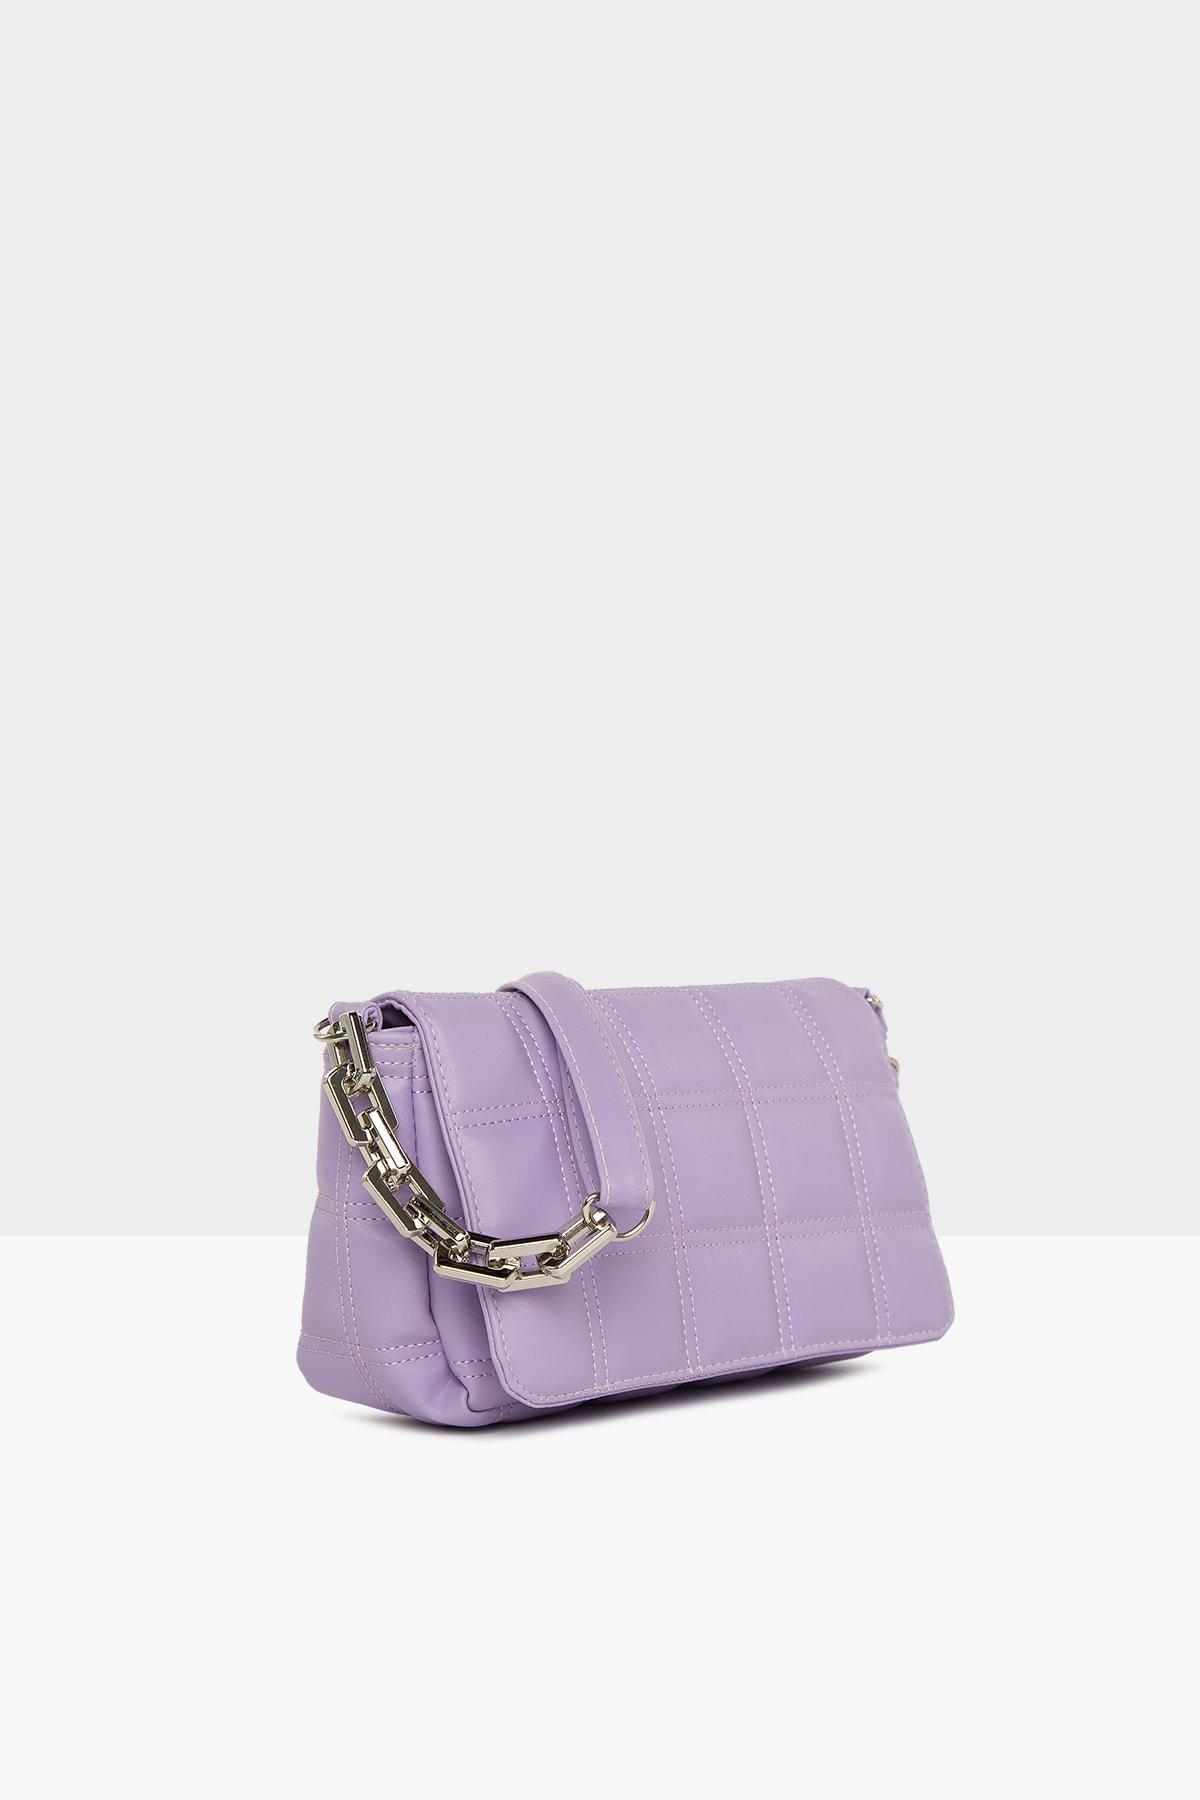 Bagmori Kadın Mor Nakışlı Kapaklı Mini Çanta M000004928 2